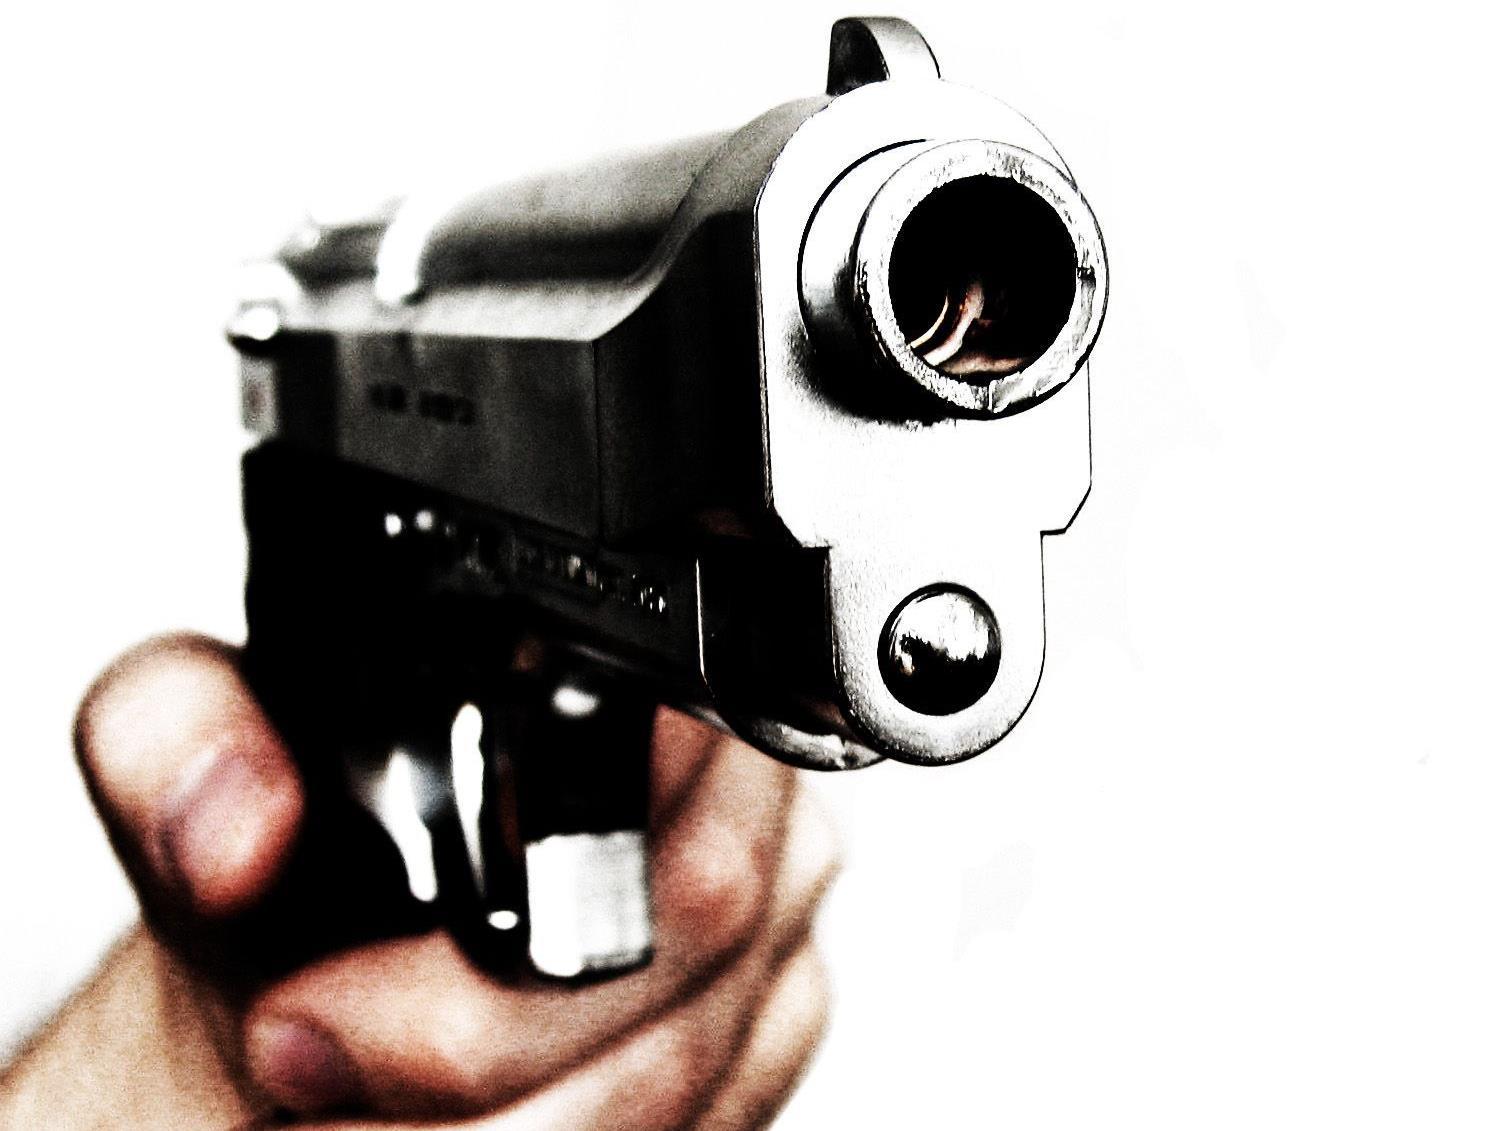 Nach Gesprächen mit der Tochter seien die Ermittler zu dem Schluss gekommen, dass sie geschossen habe.